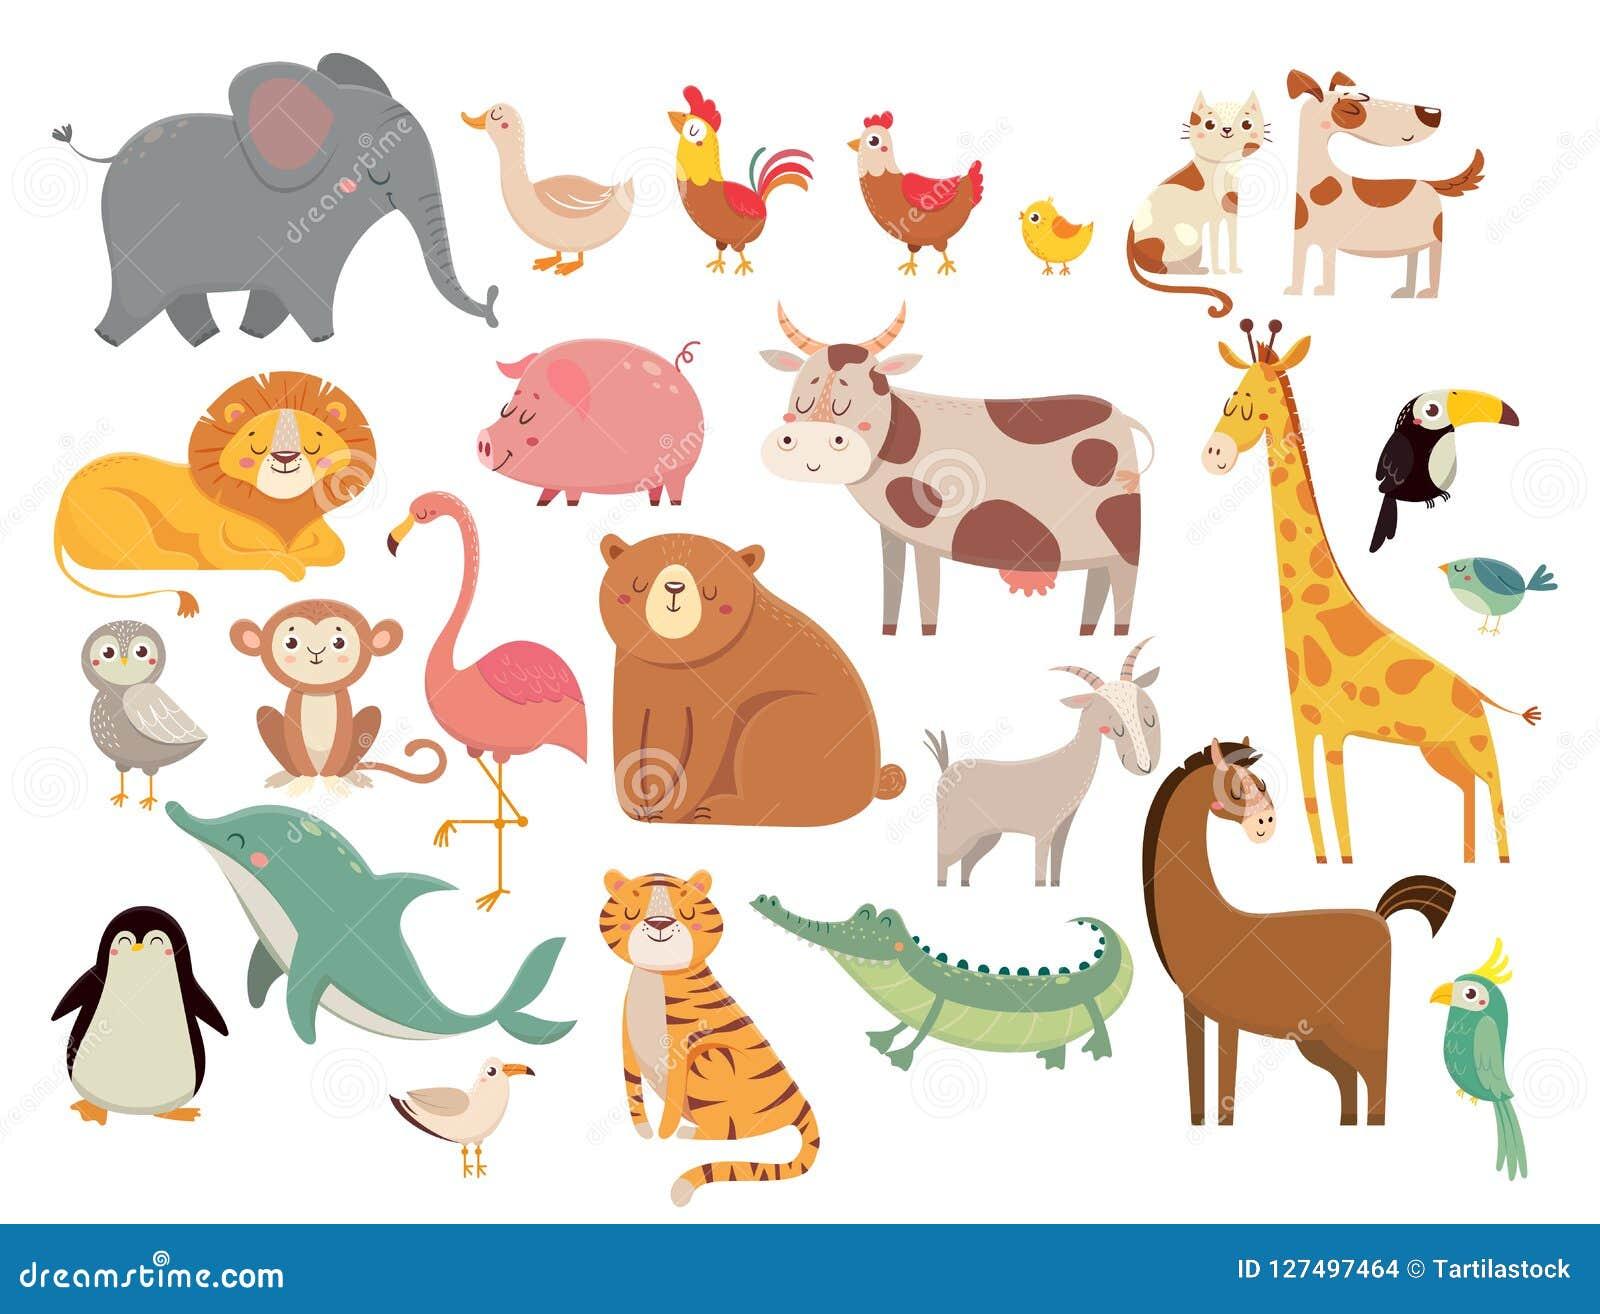 Hand gezeichneter Vektor getrennt auf Weiß Netter Elefant und Löwe, Giraffe und Krokodil, Kuh und Huhn, Hund und Katze Bauernhof-